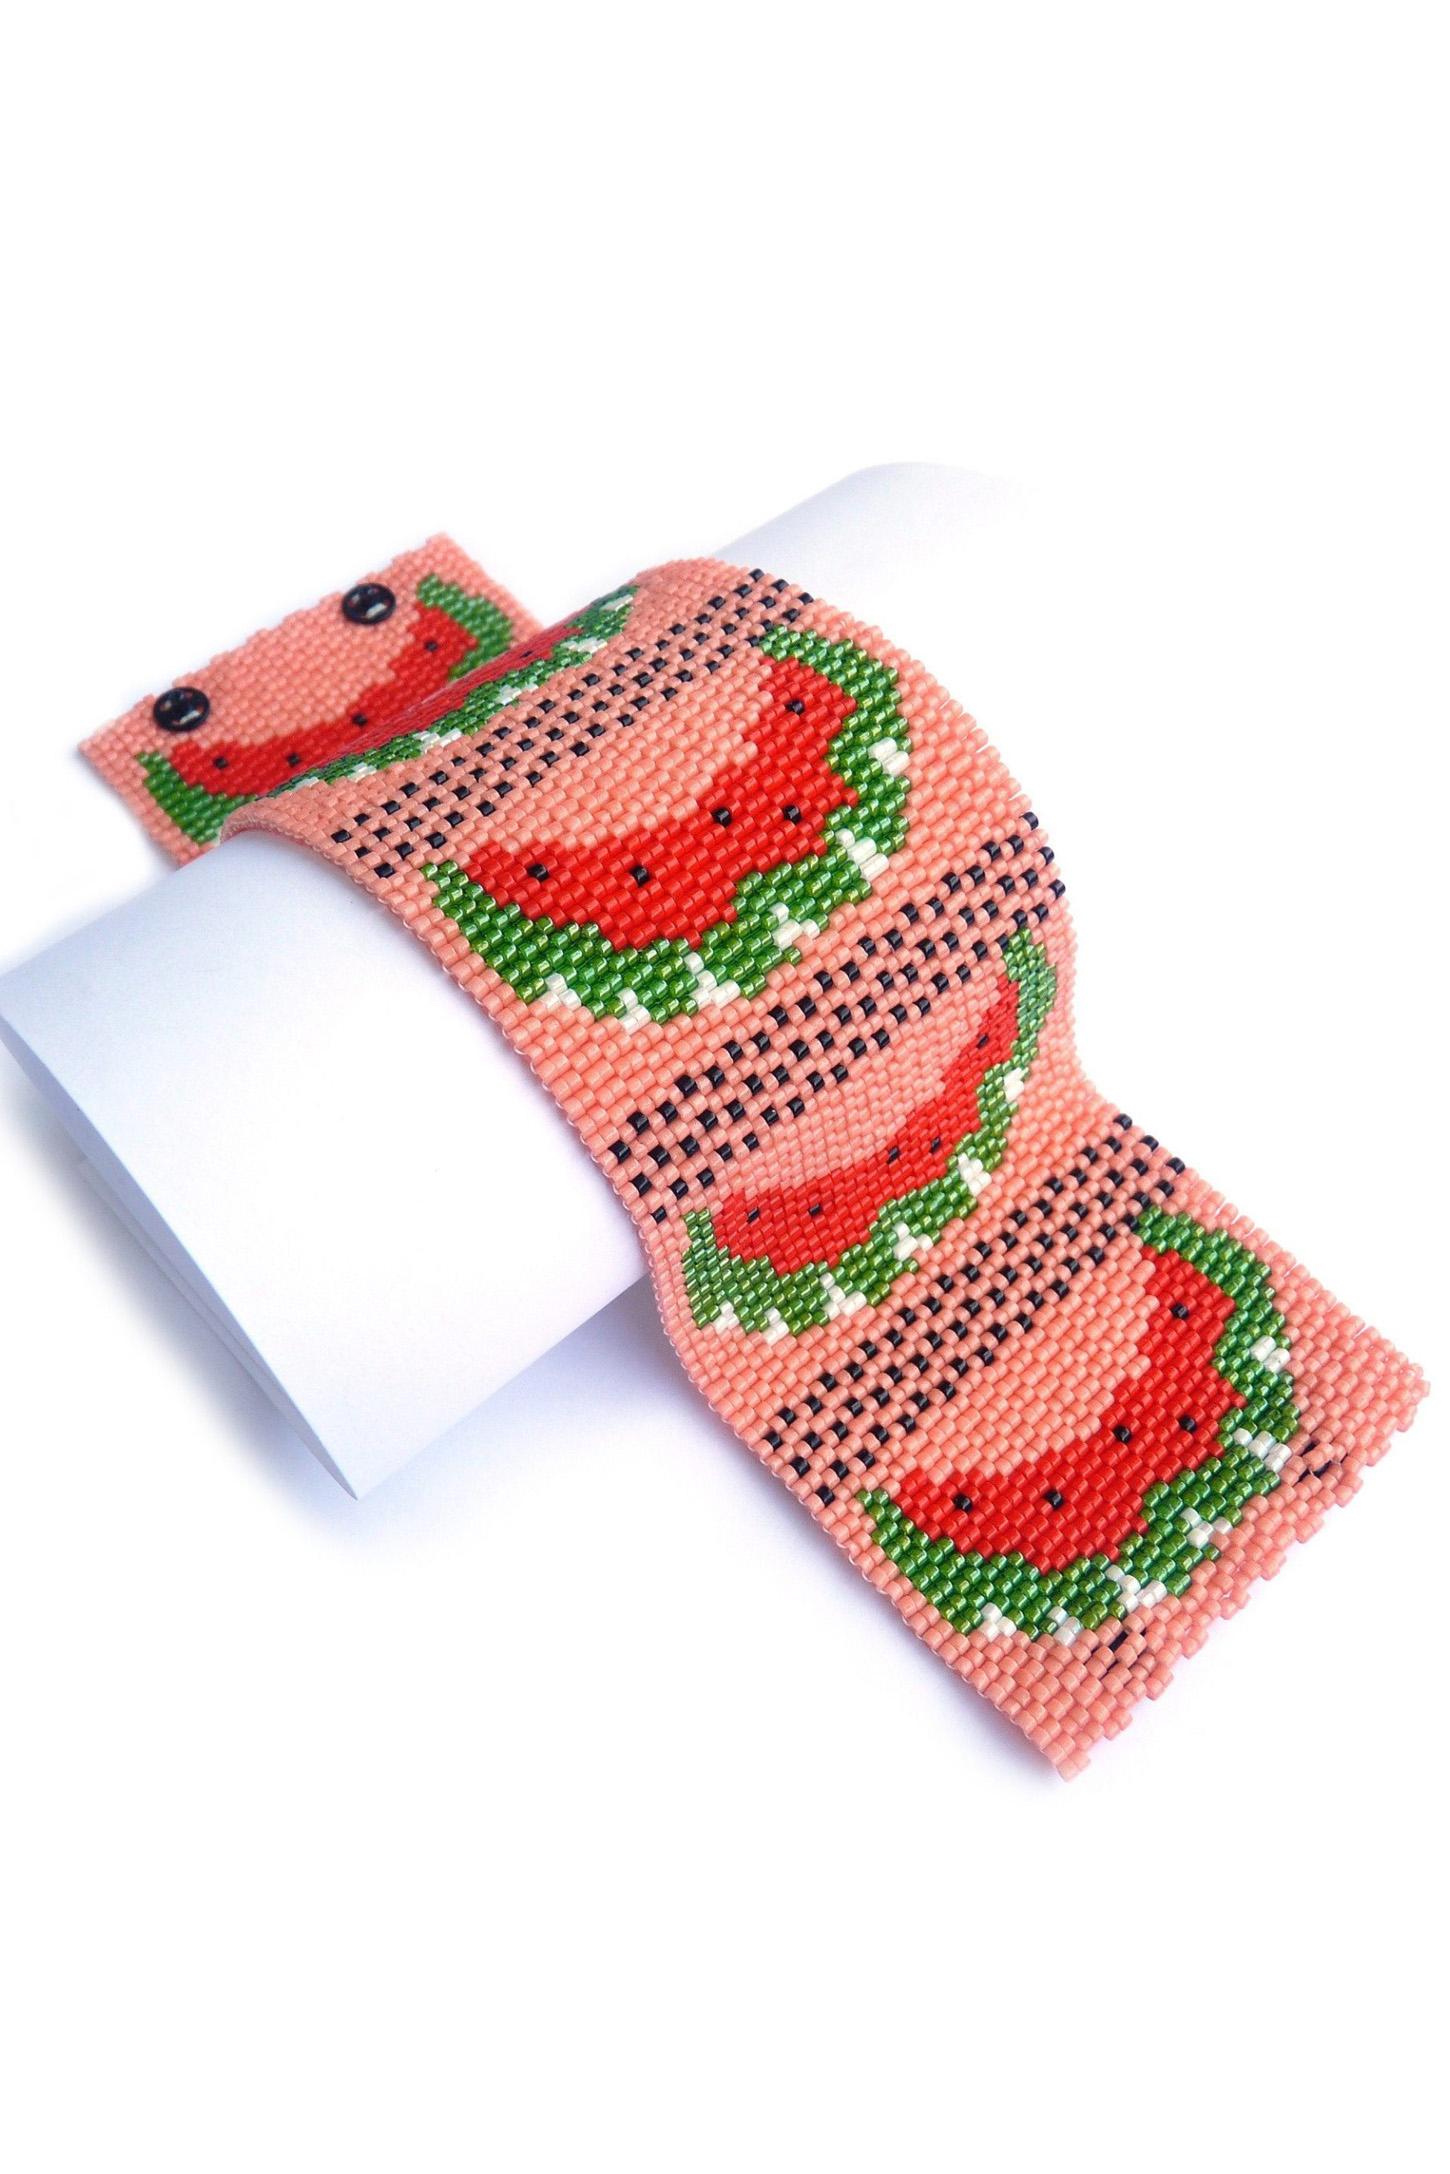 Juicy Watermelon Wide Cuff Beaded Bracelet